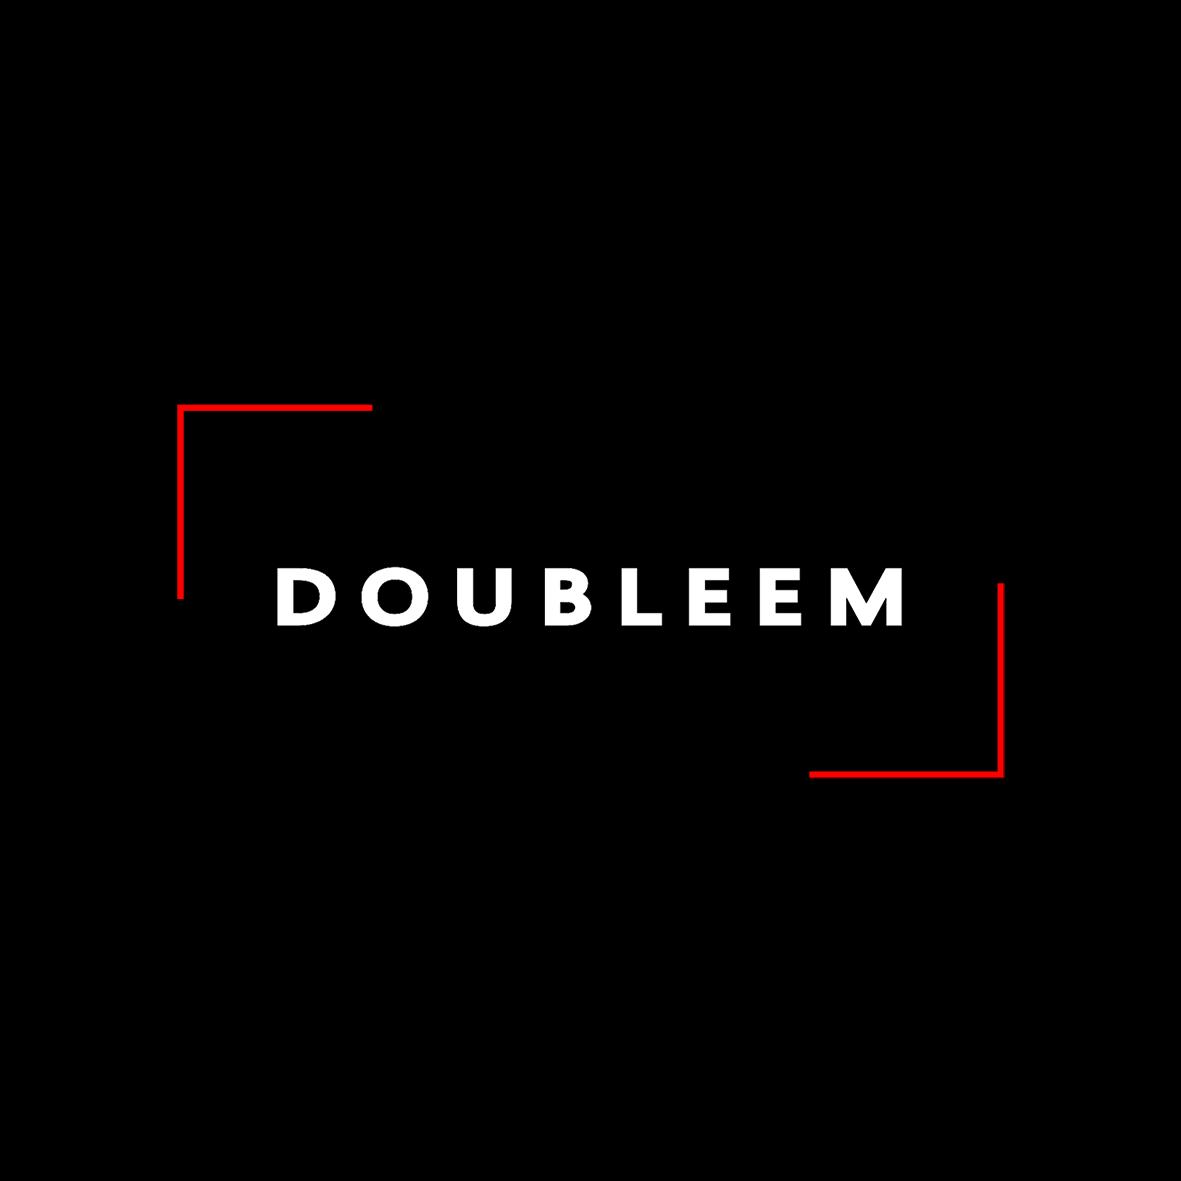 DOUBLEEM.png